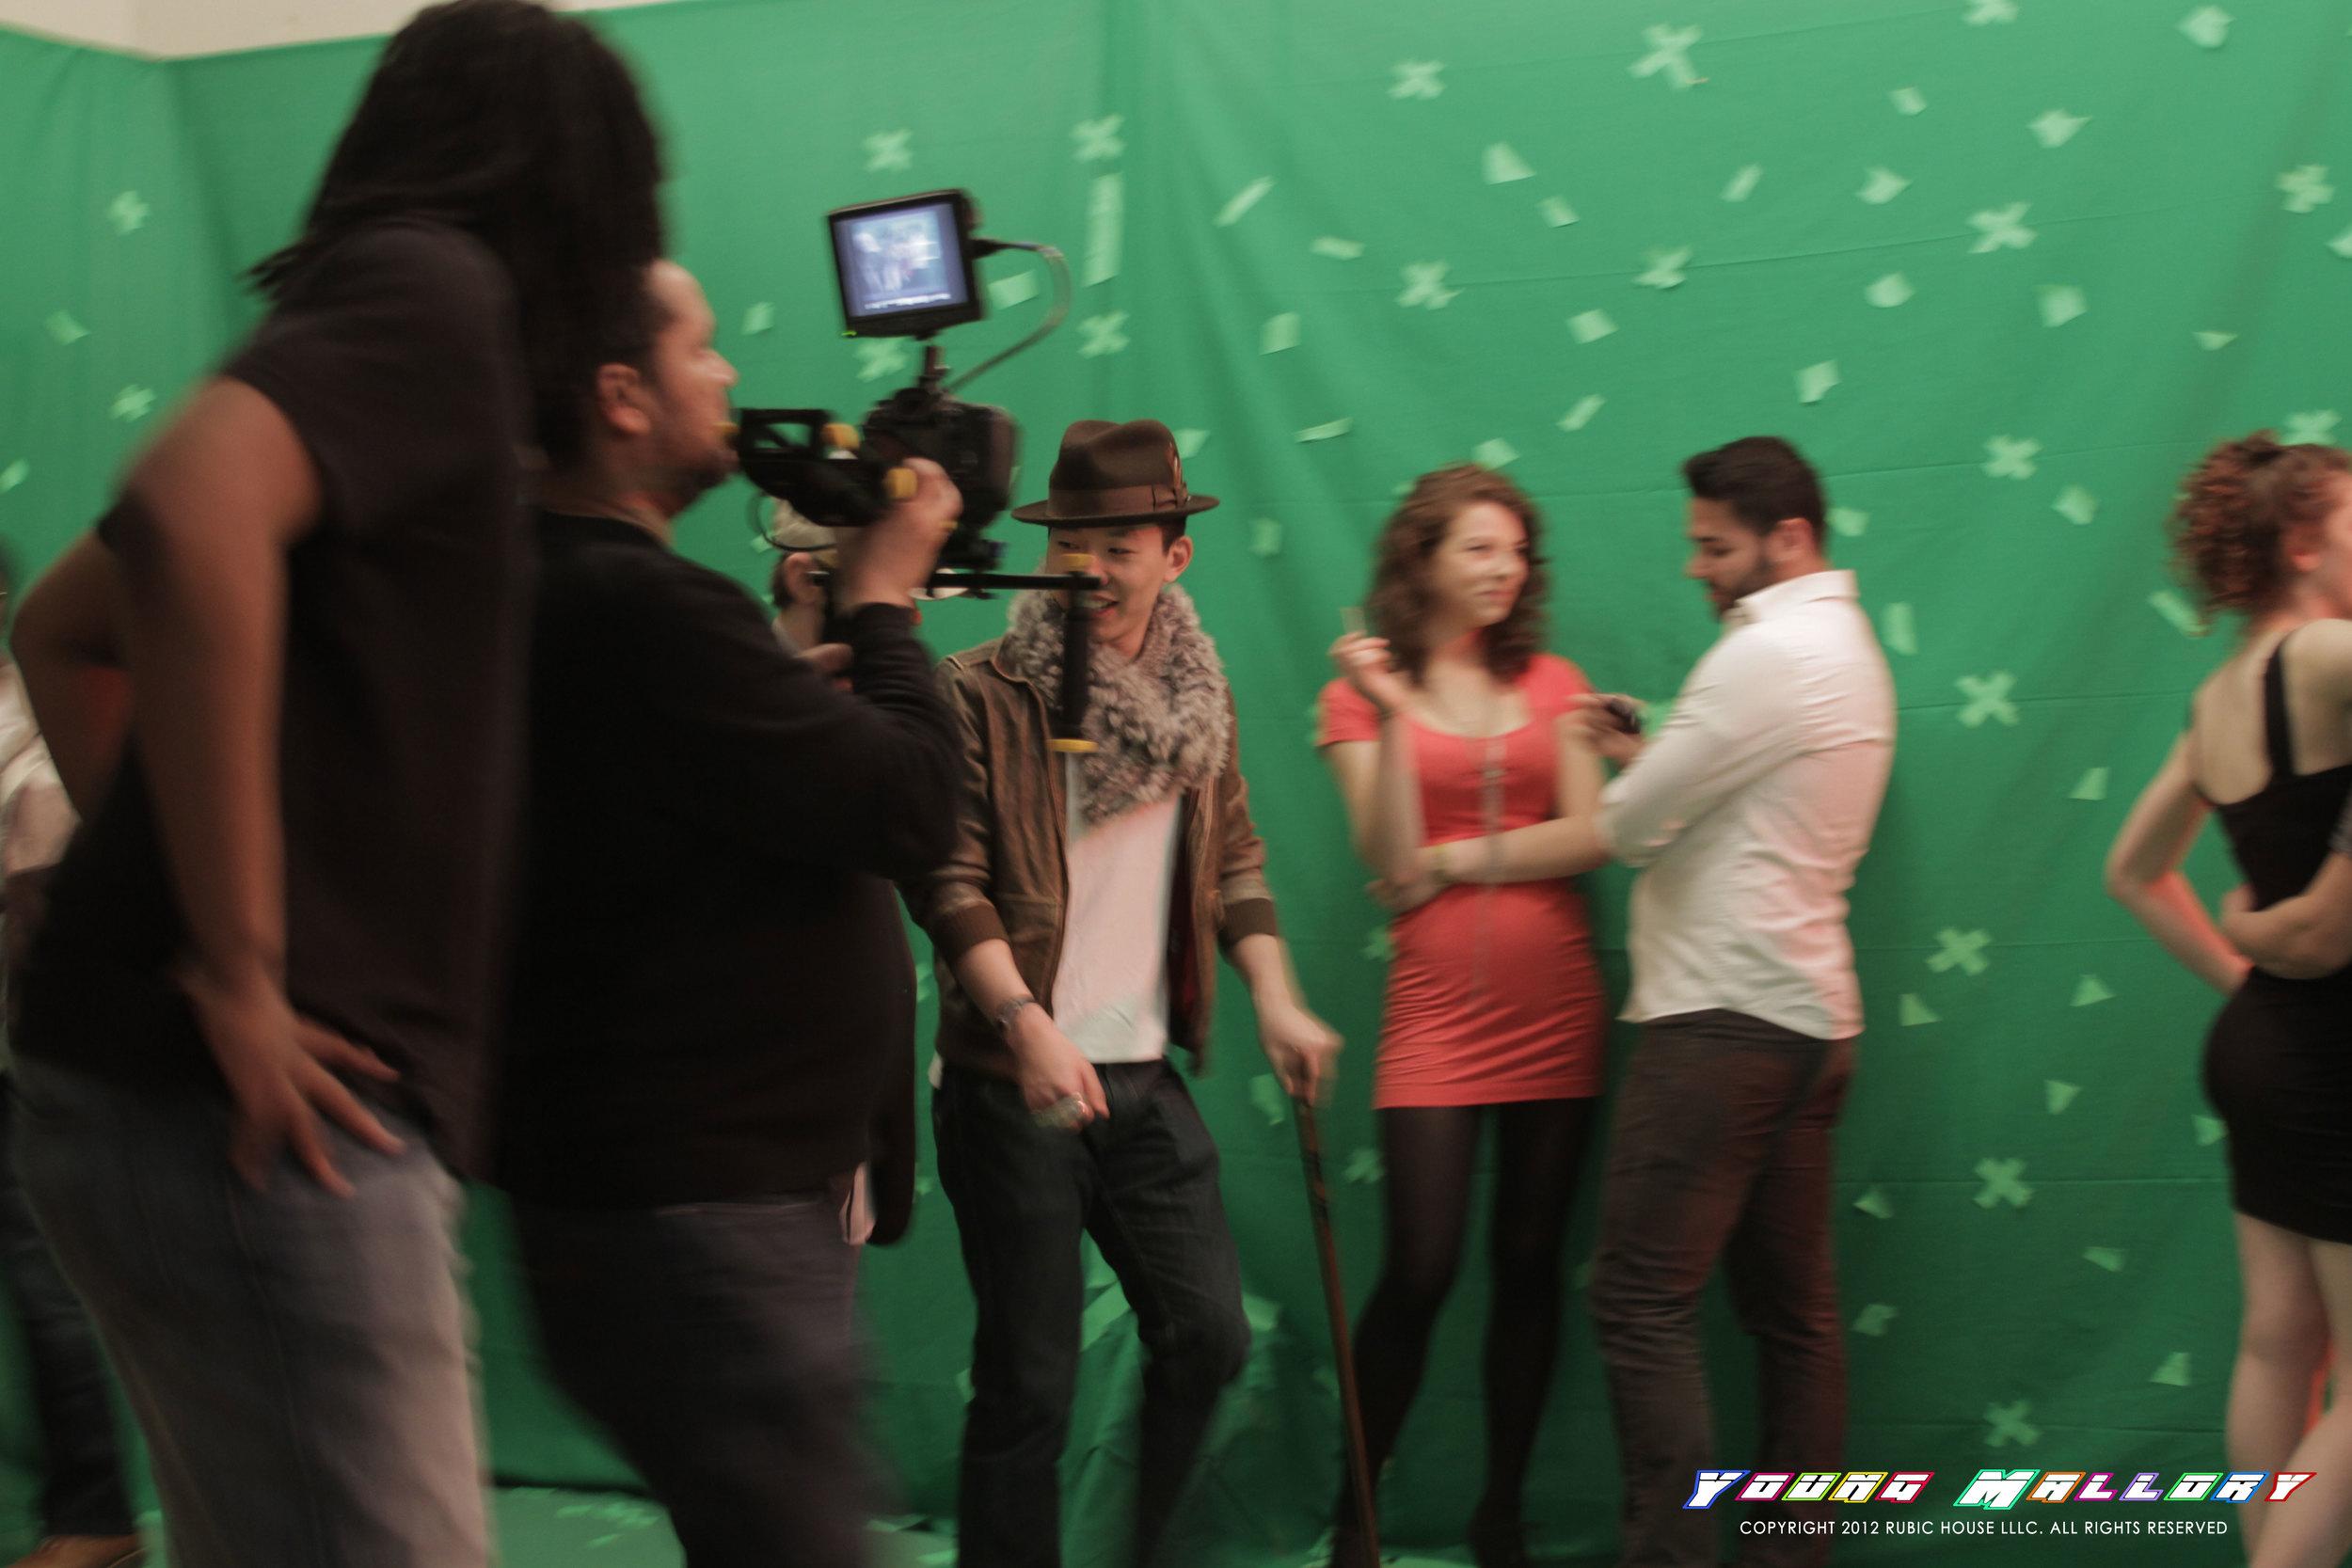 behind-the-scenes-photo-9.jpg